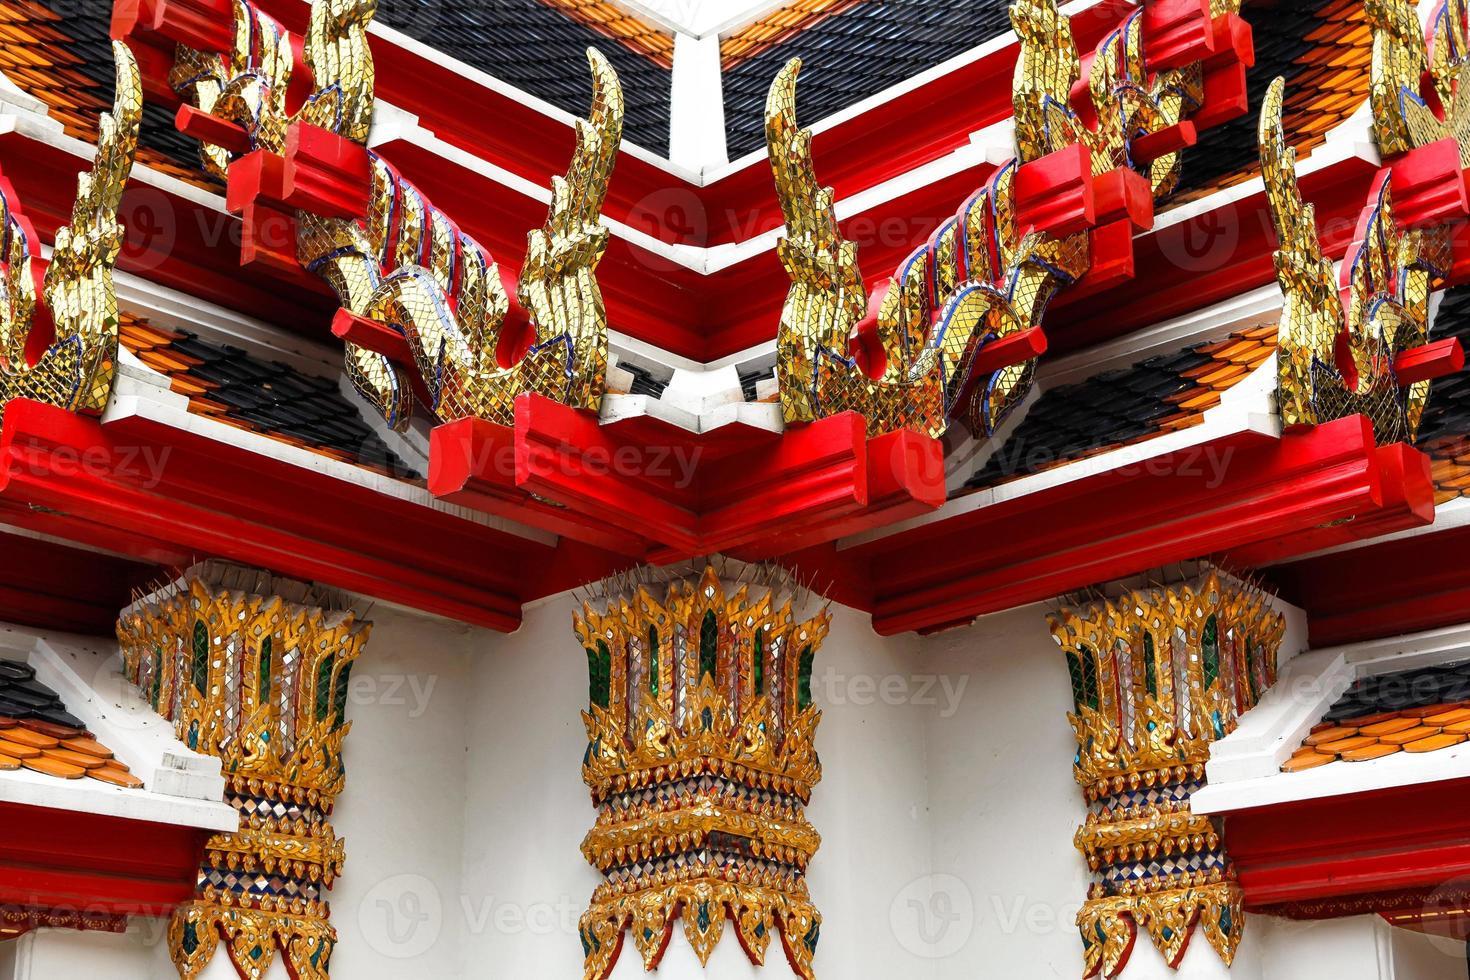 dekorative Elemente eines buddhistischen Tempels foto